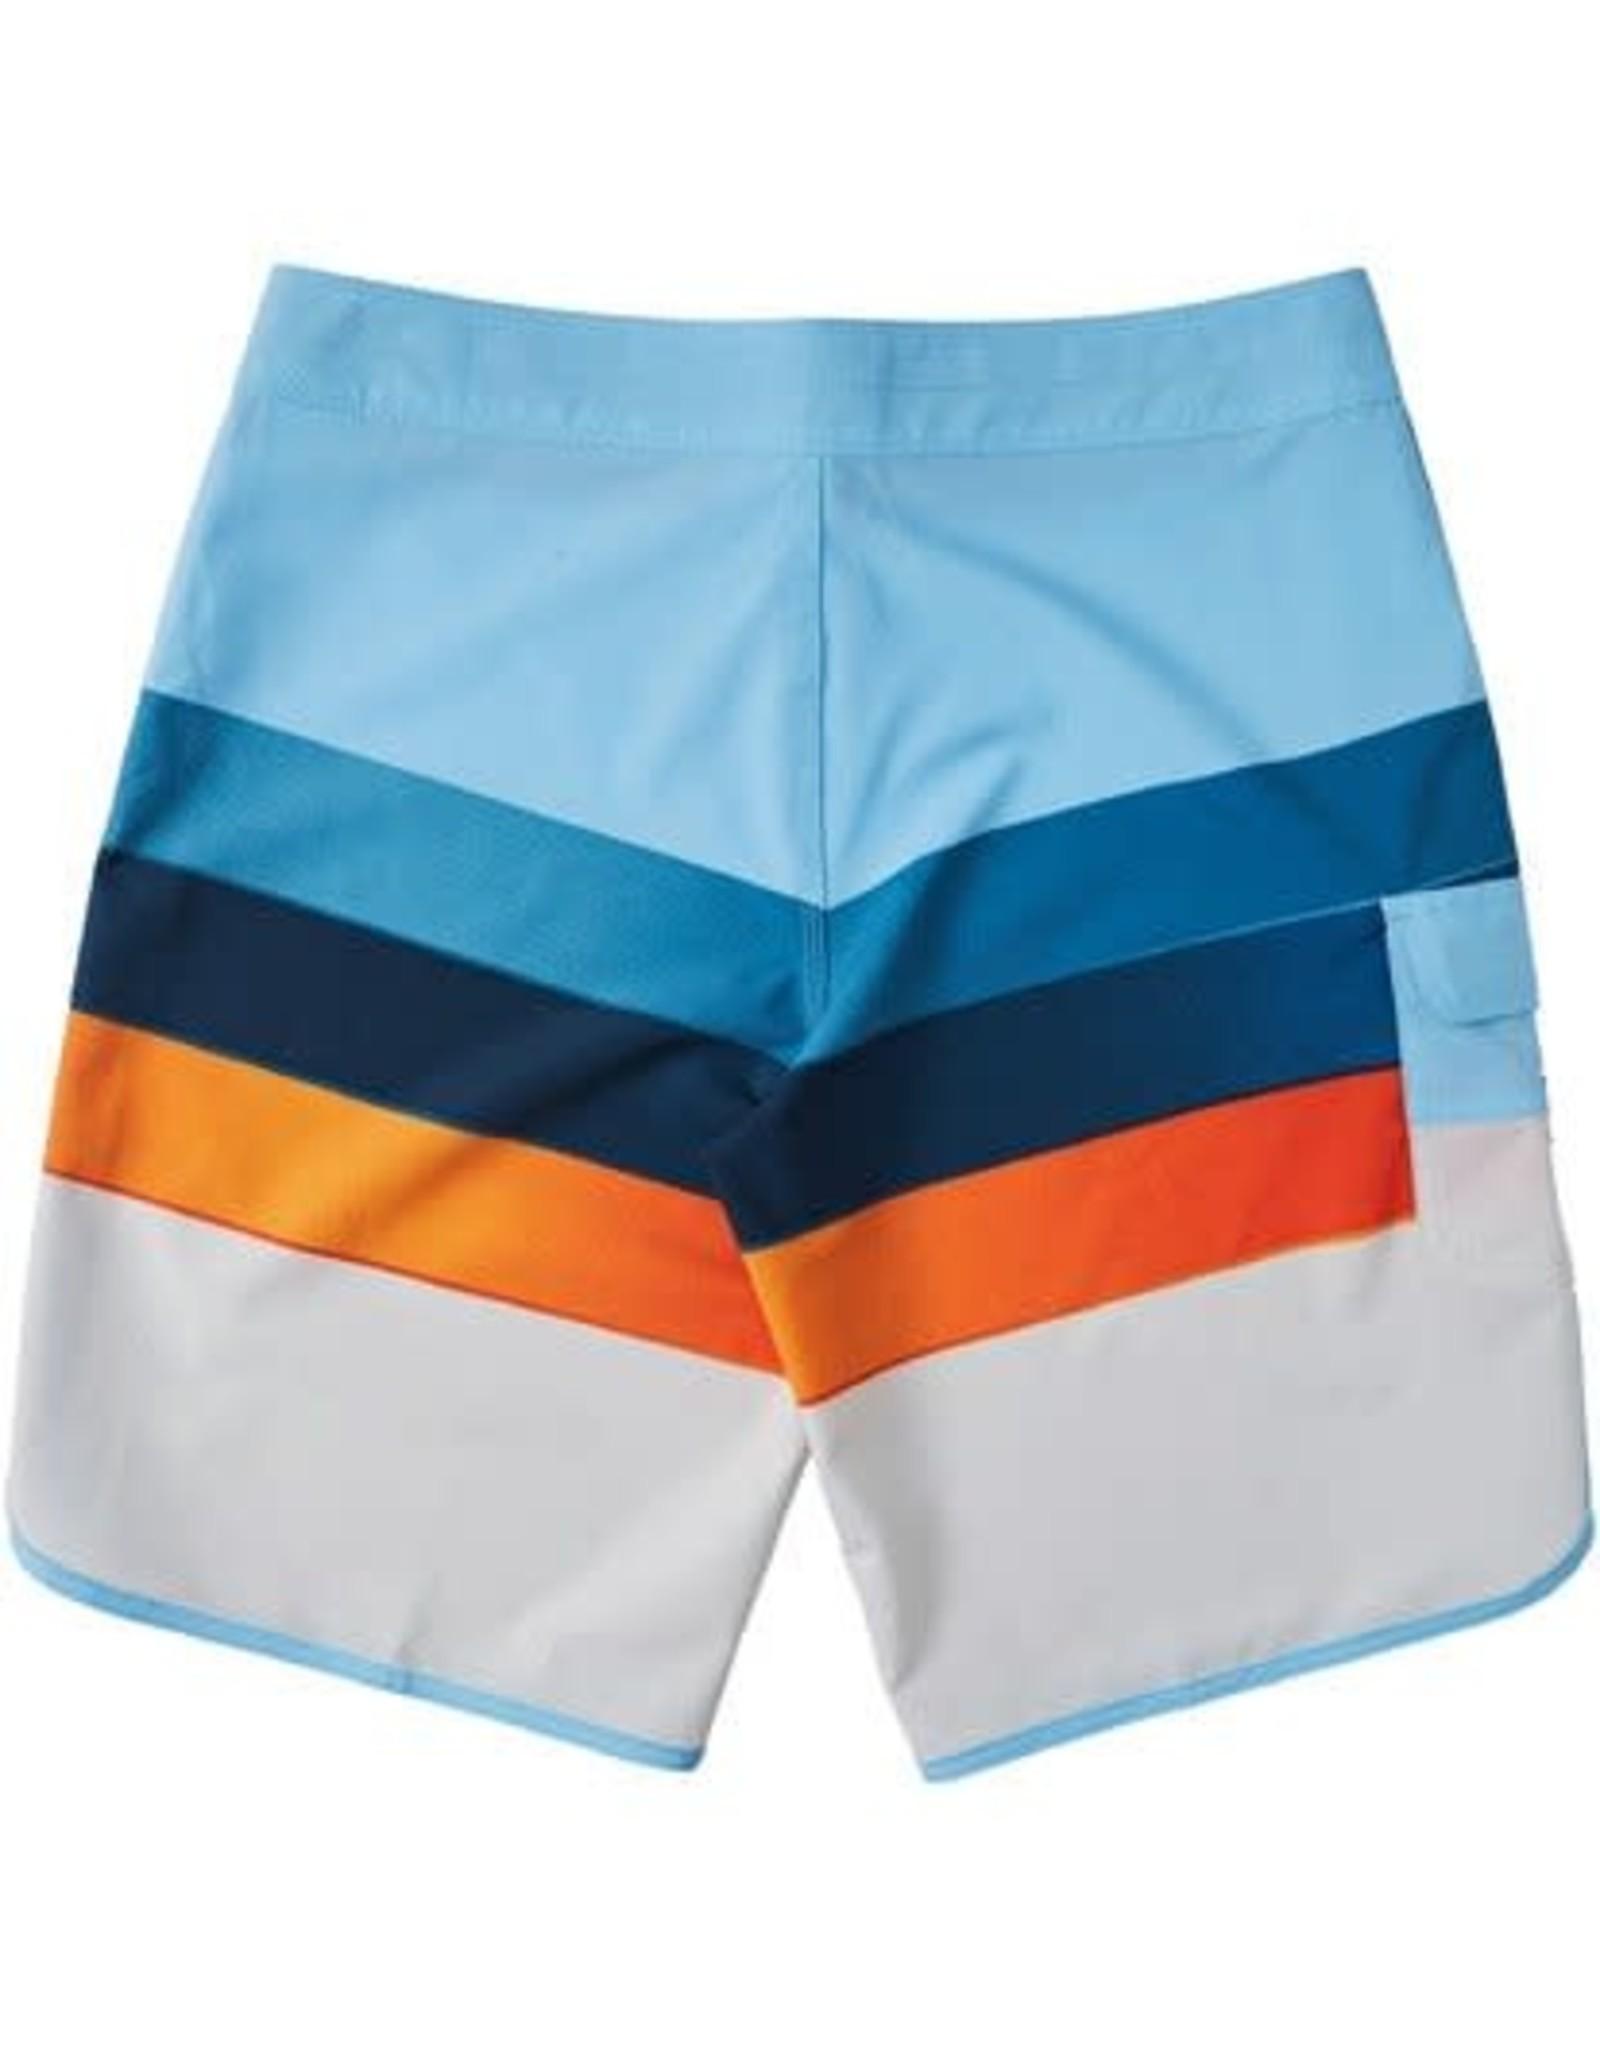 billabong Billabong - Maillot de bain homme 73 stripe pro sky blue